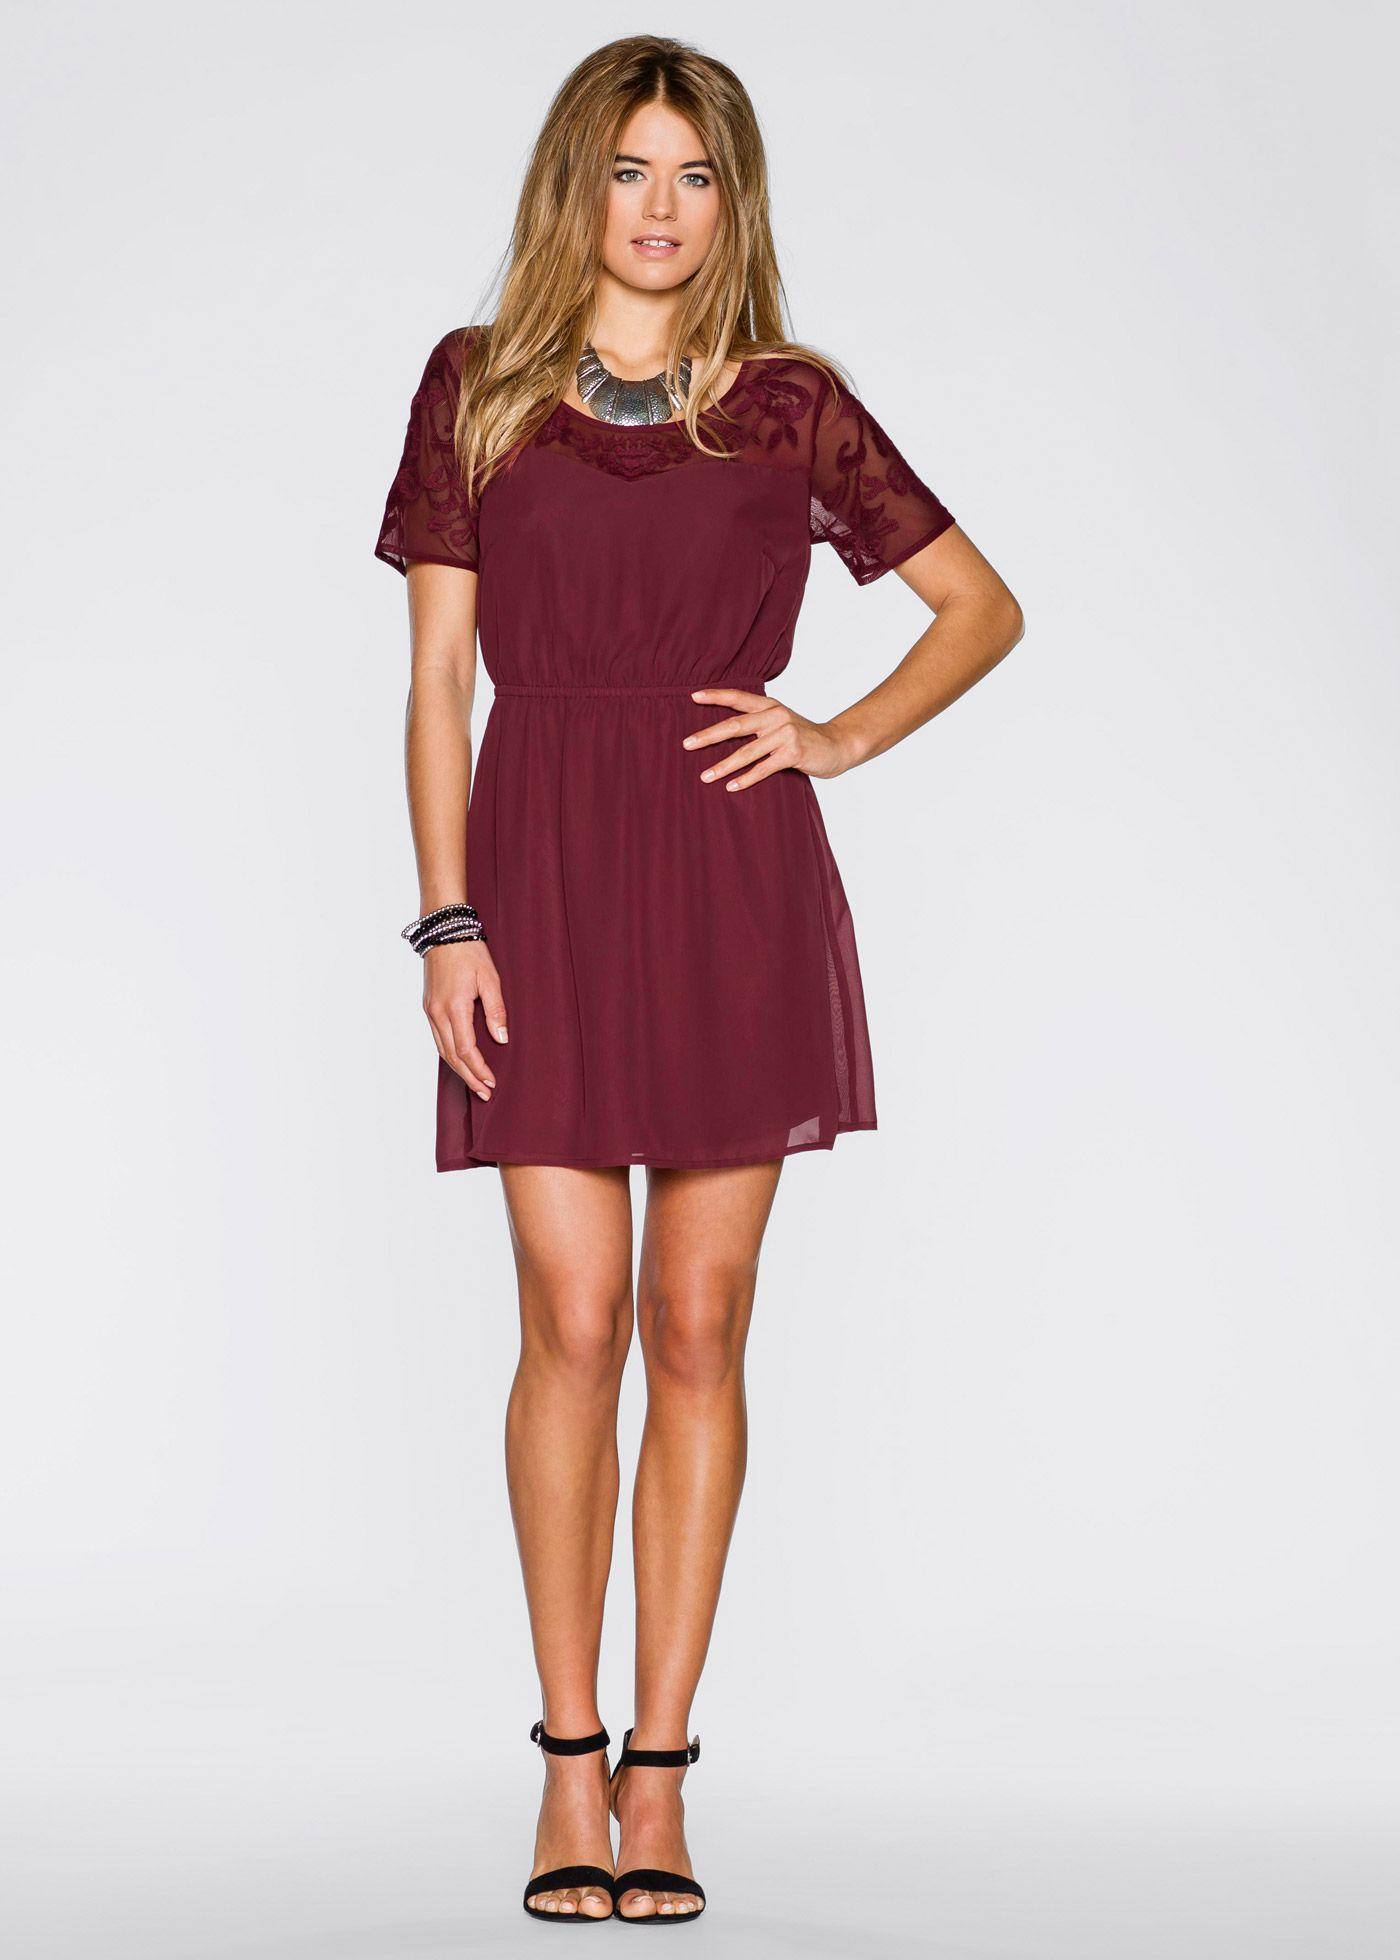 Kleid mit Netz-Einsatz bordeaux - RAINBOW jetzt im Online Shop von